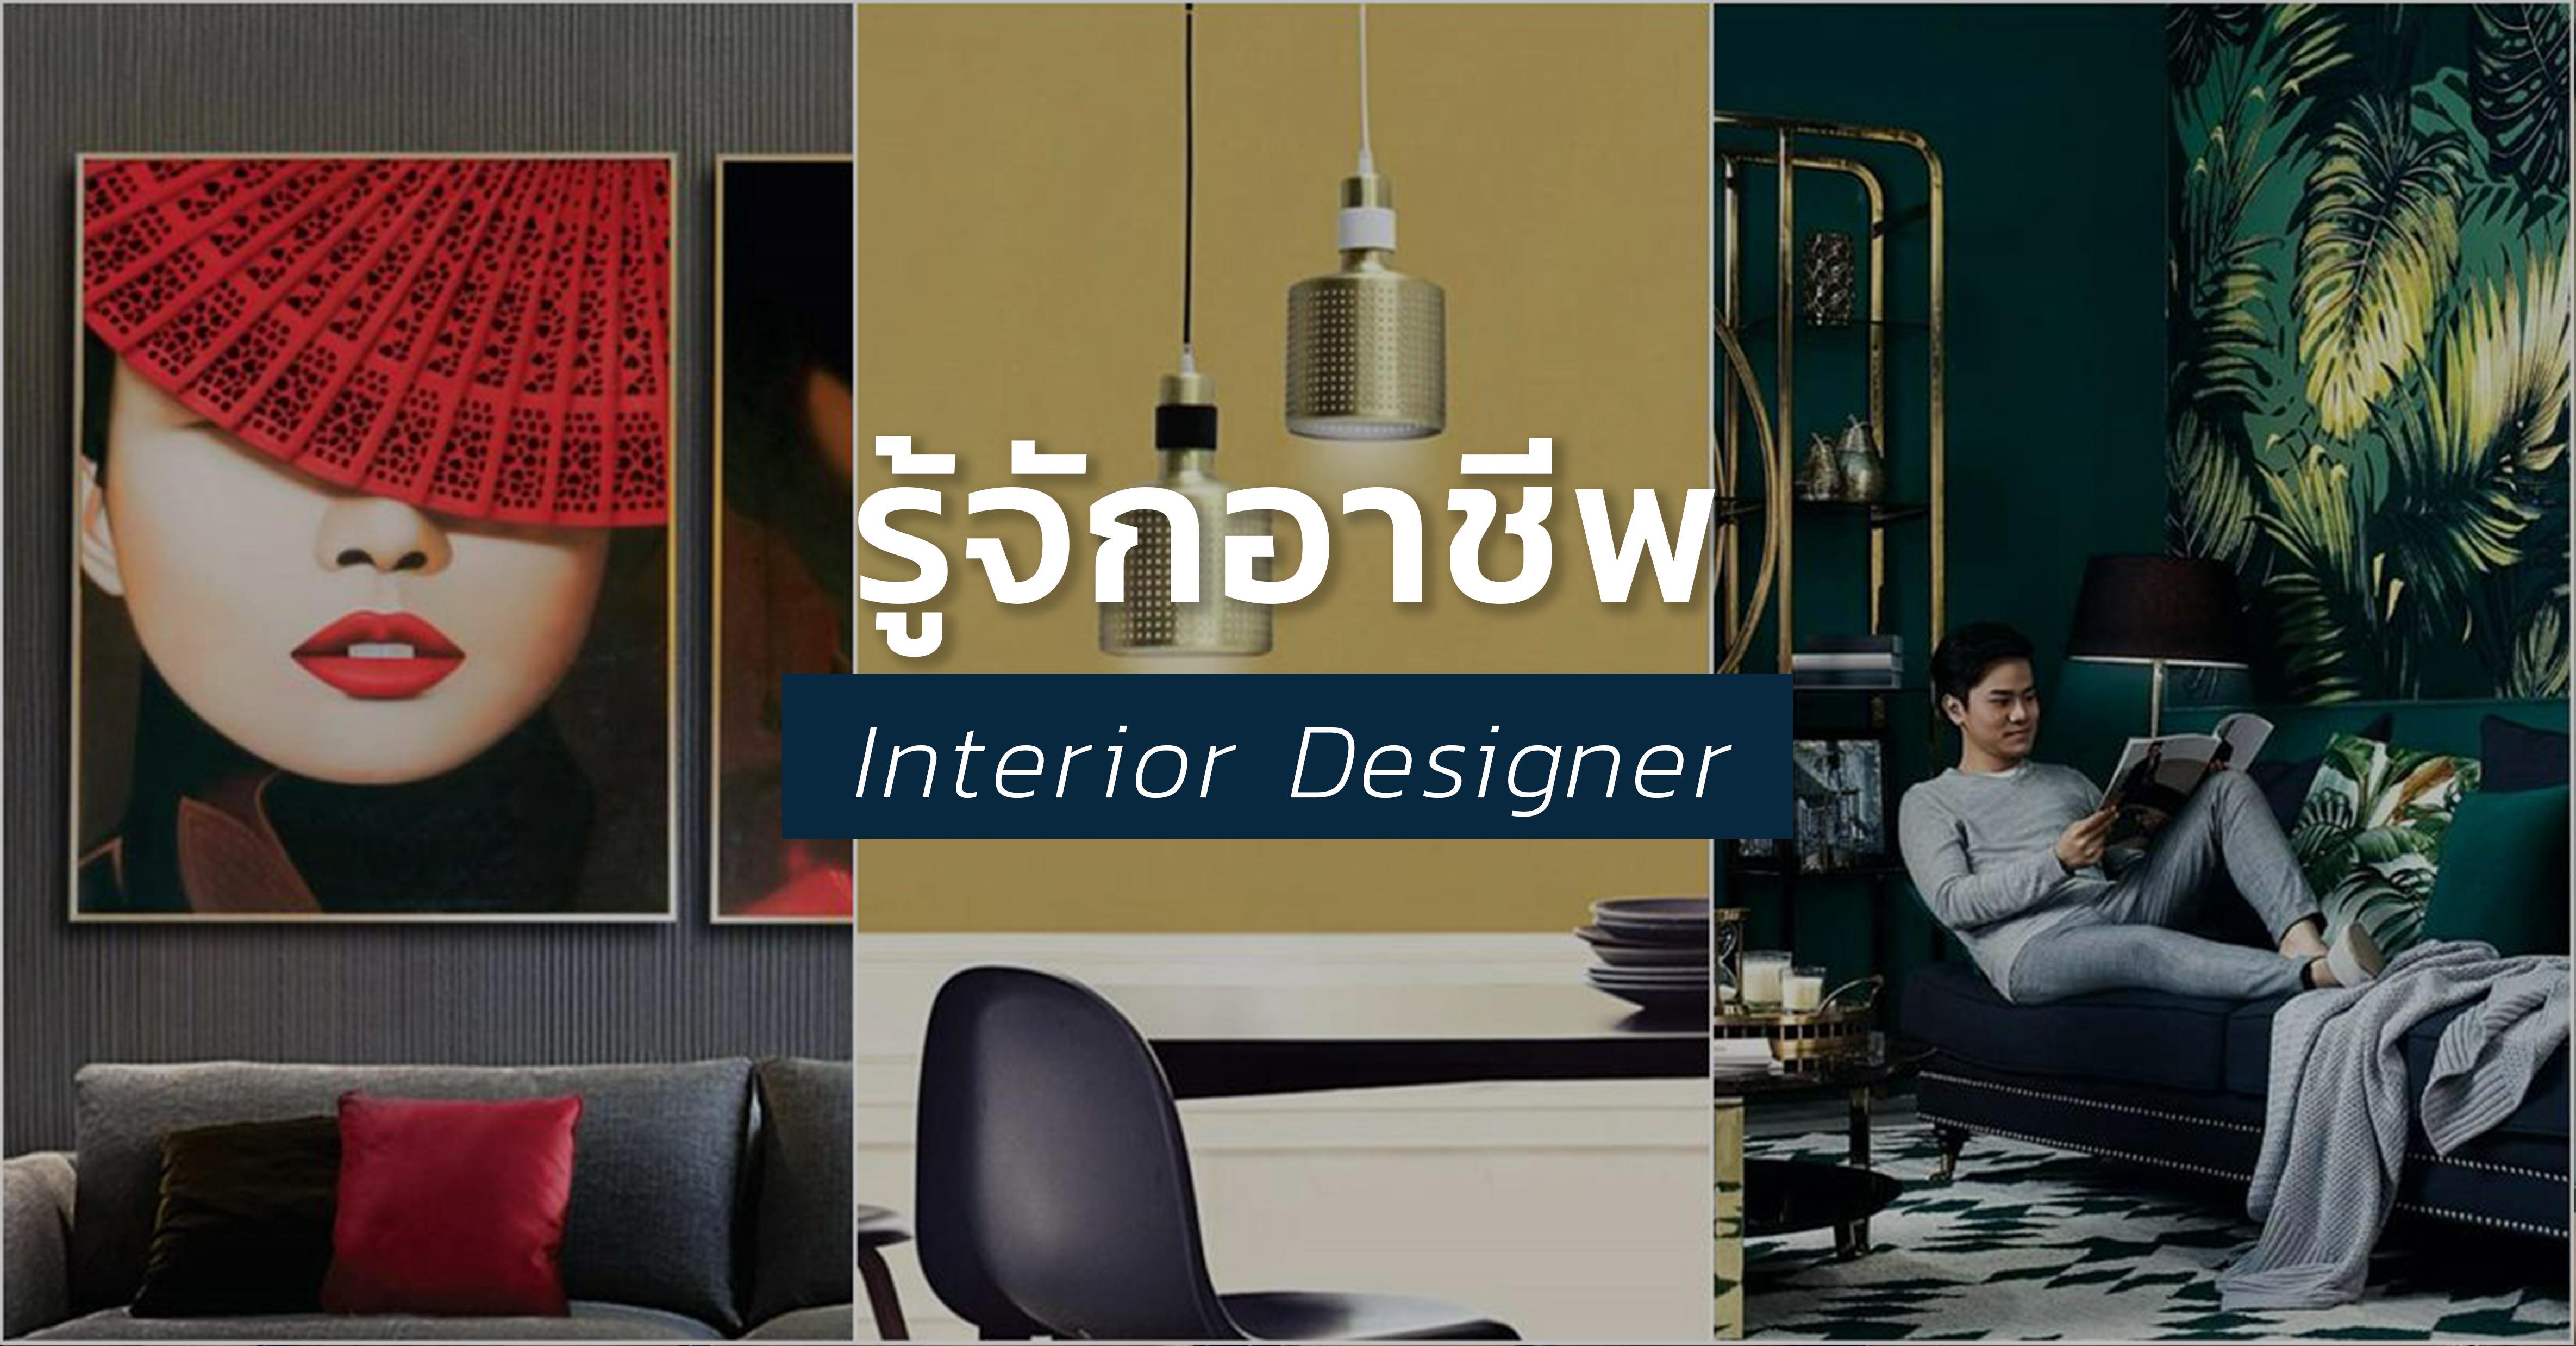 รูปบทความ เมื่อห้องต้องถูกวินิจฉัย : รู้จักอาชีพ Interior Designer อาชีพที่เป็นเหมือน 'หมอ' ด้านการตกแต่ง